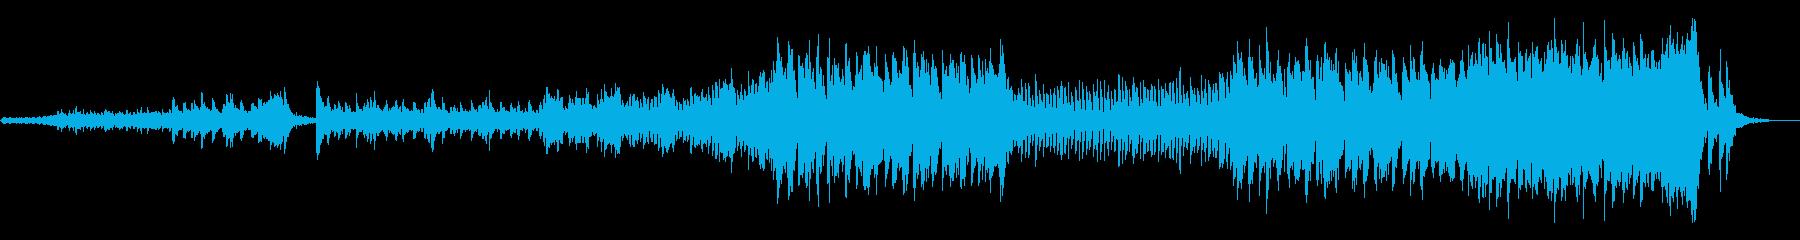 ドラマチックなストリングスと打楽器の再生済みの波形